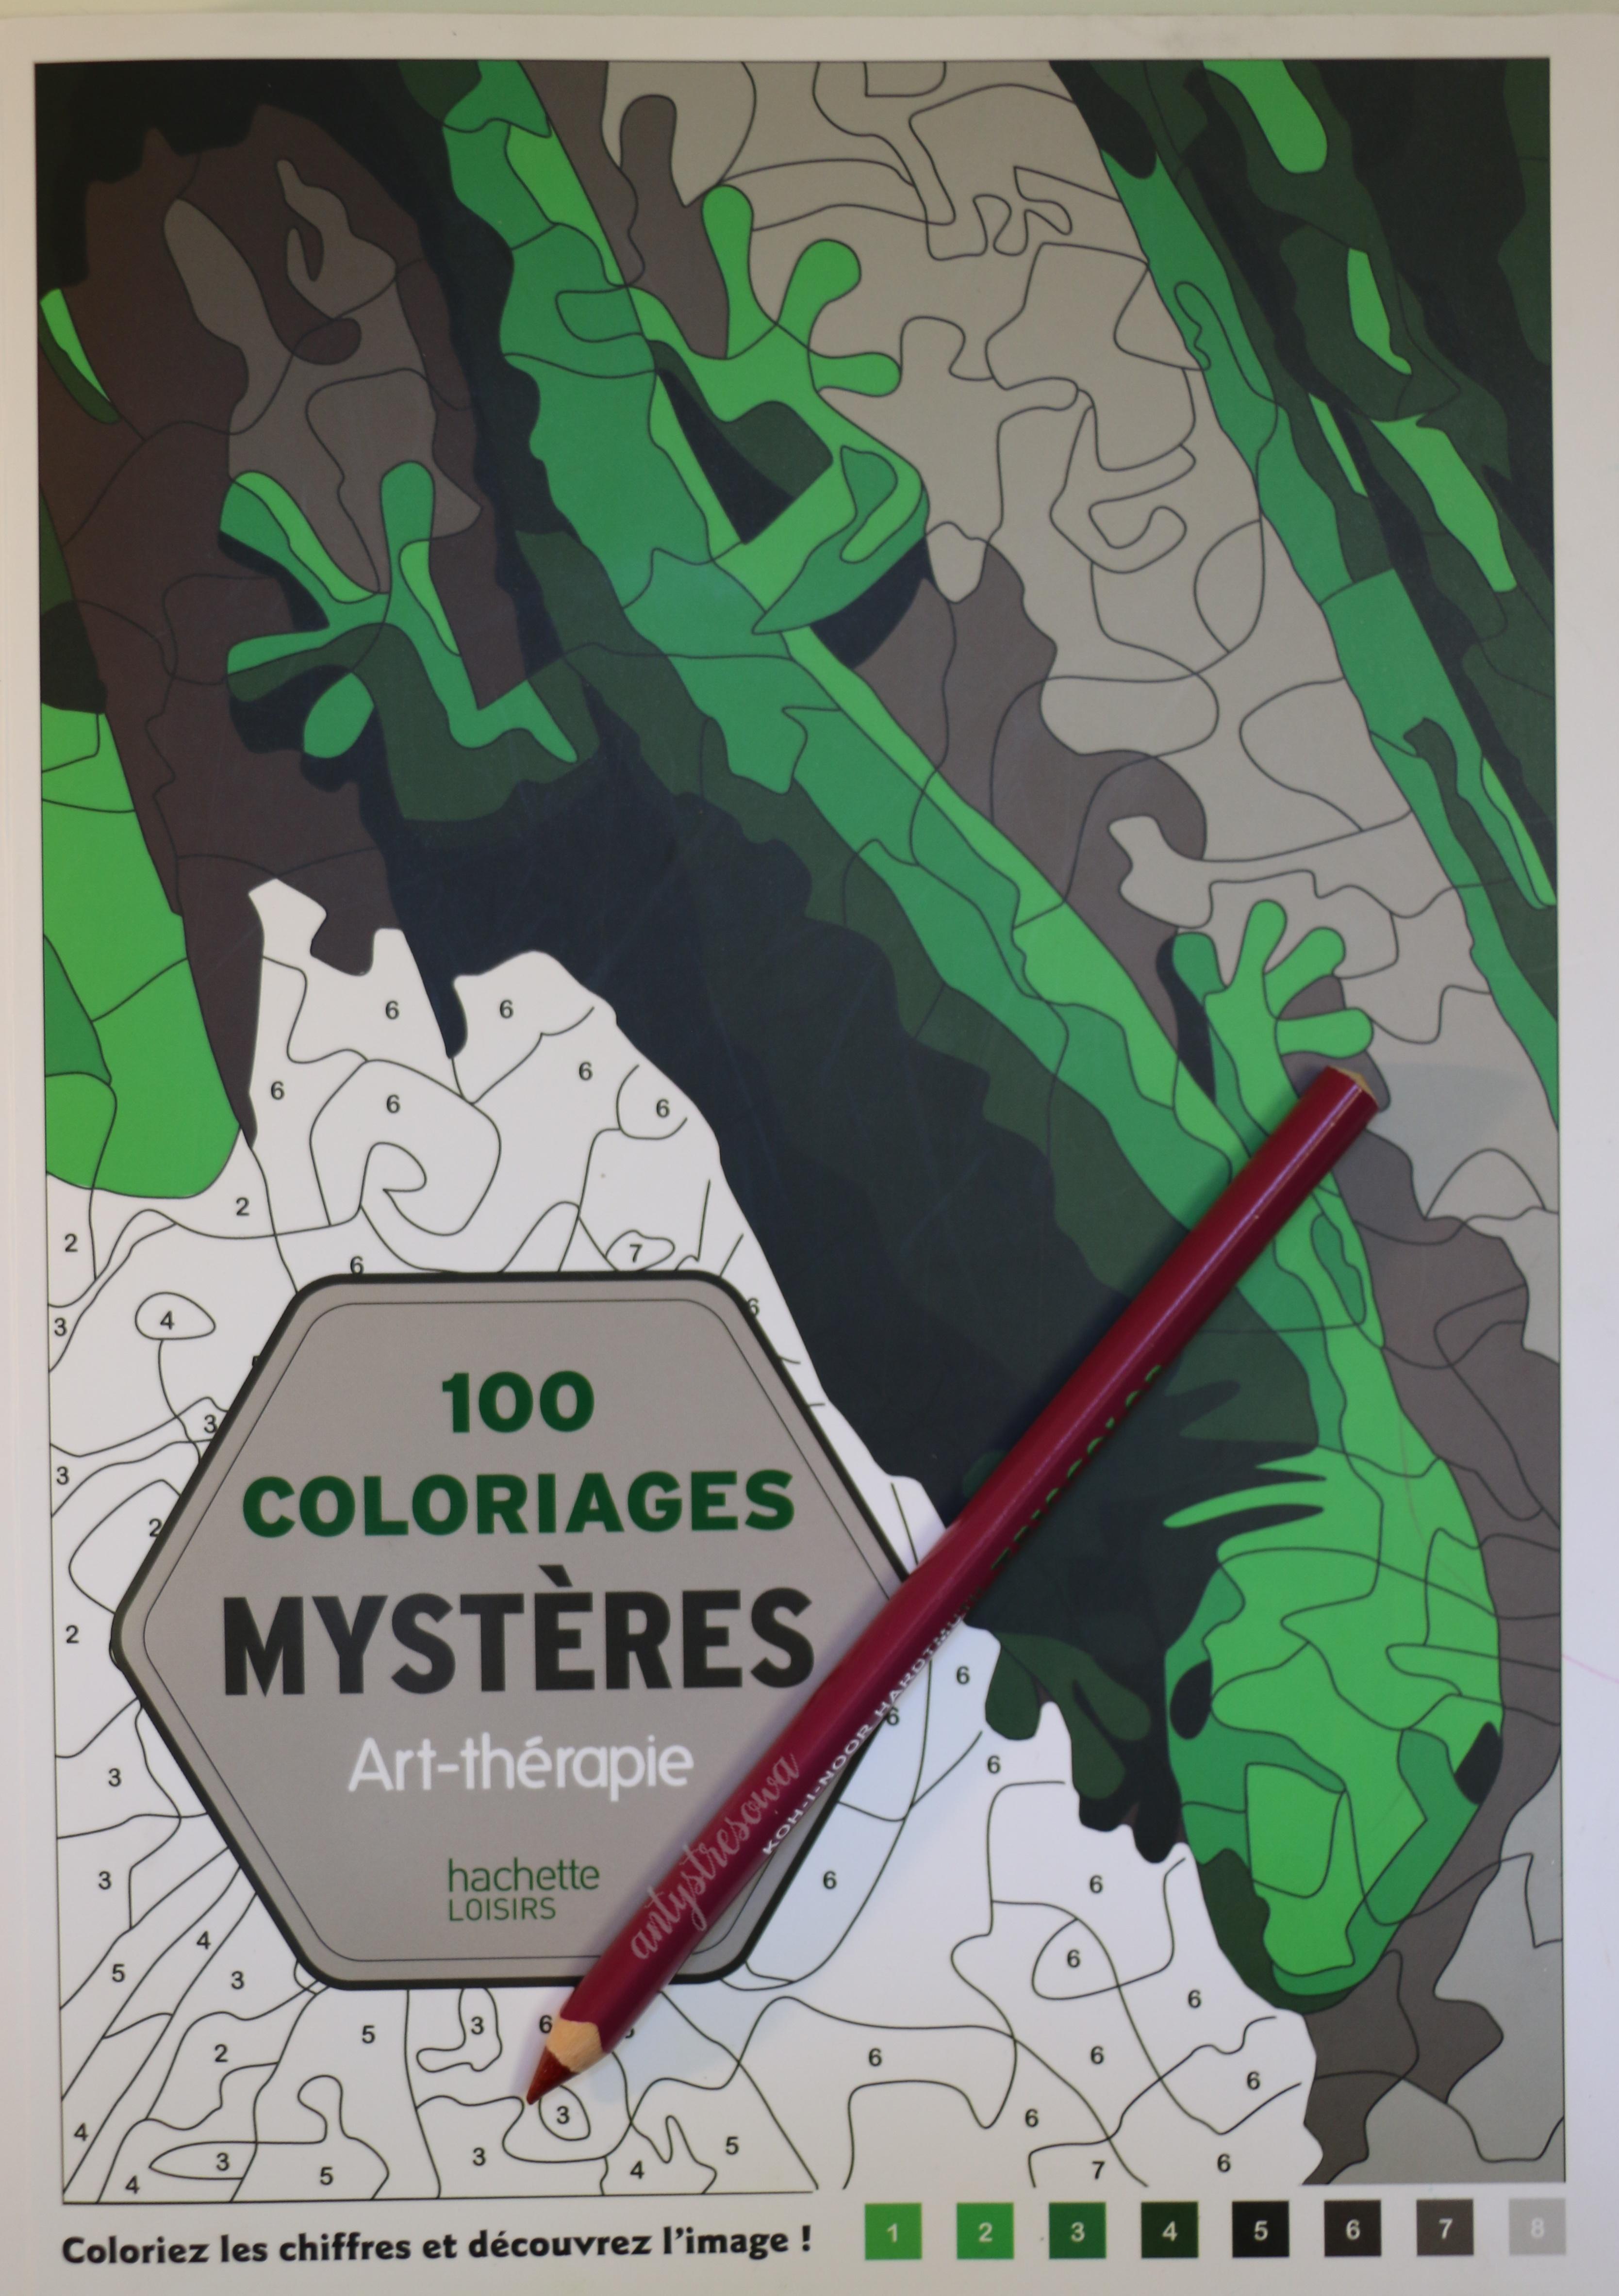 100 Coloriages mystéres